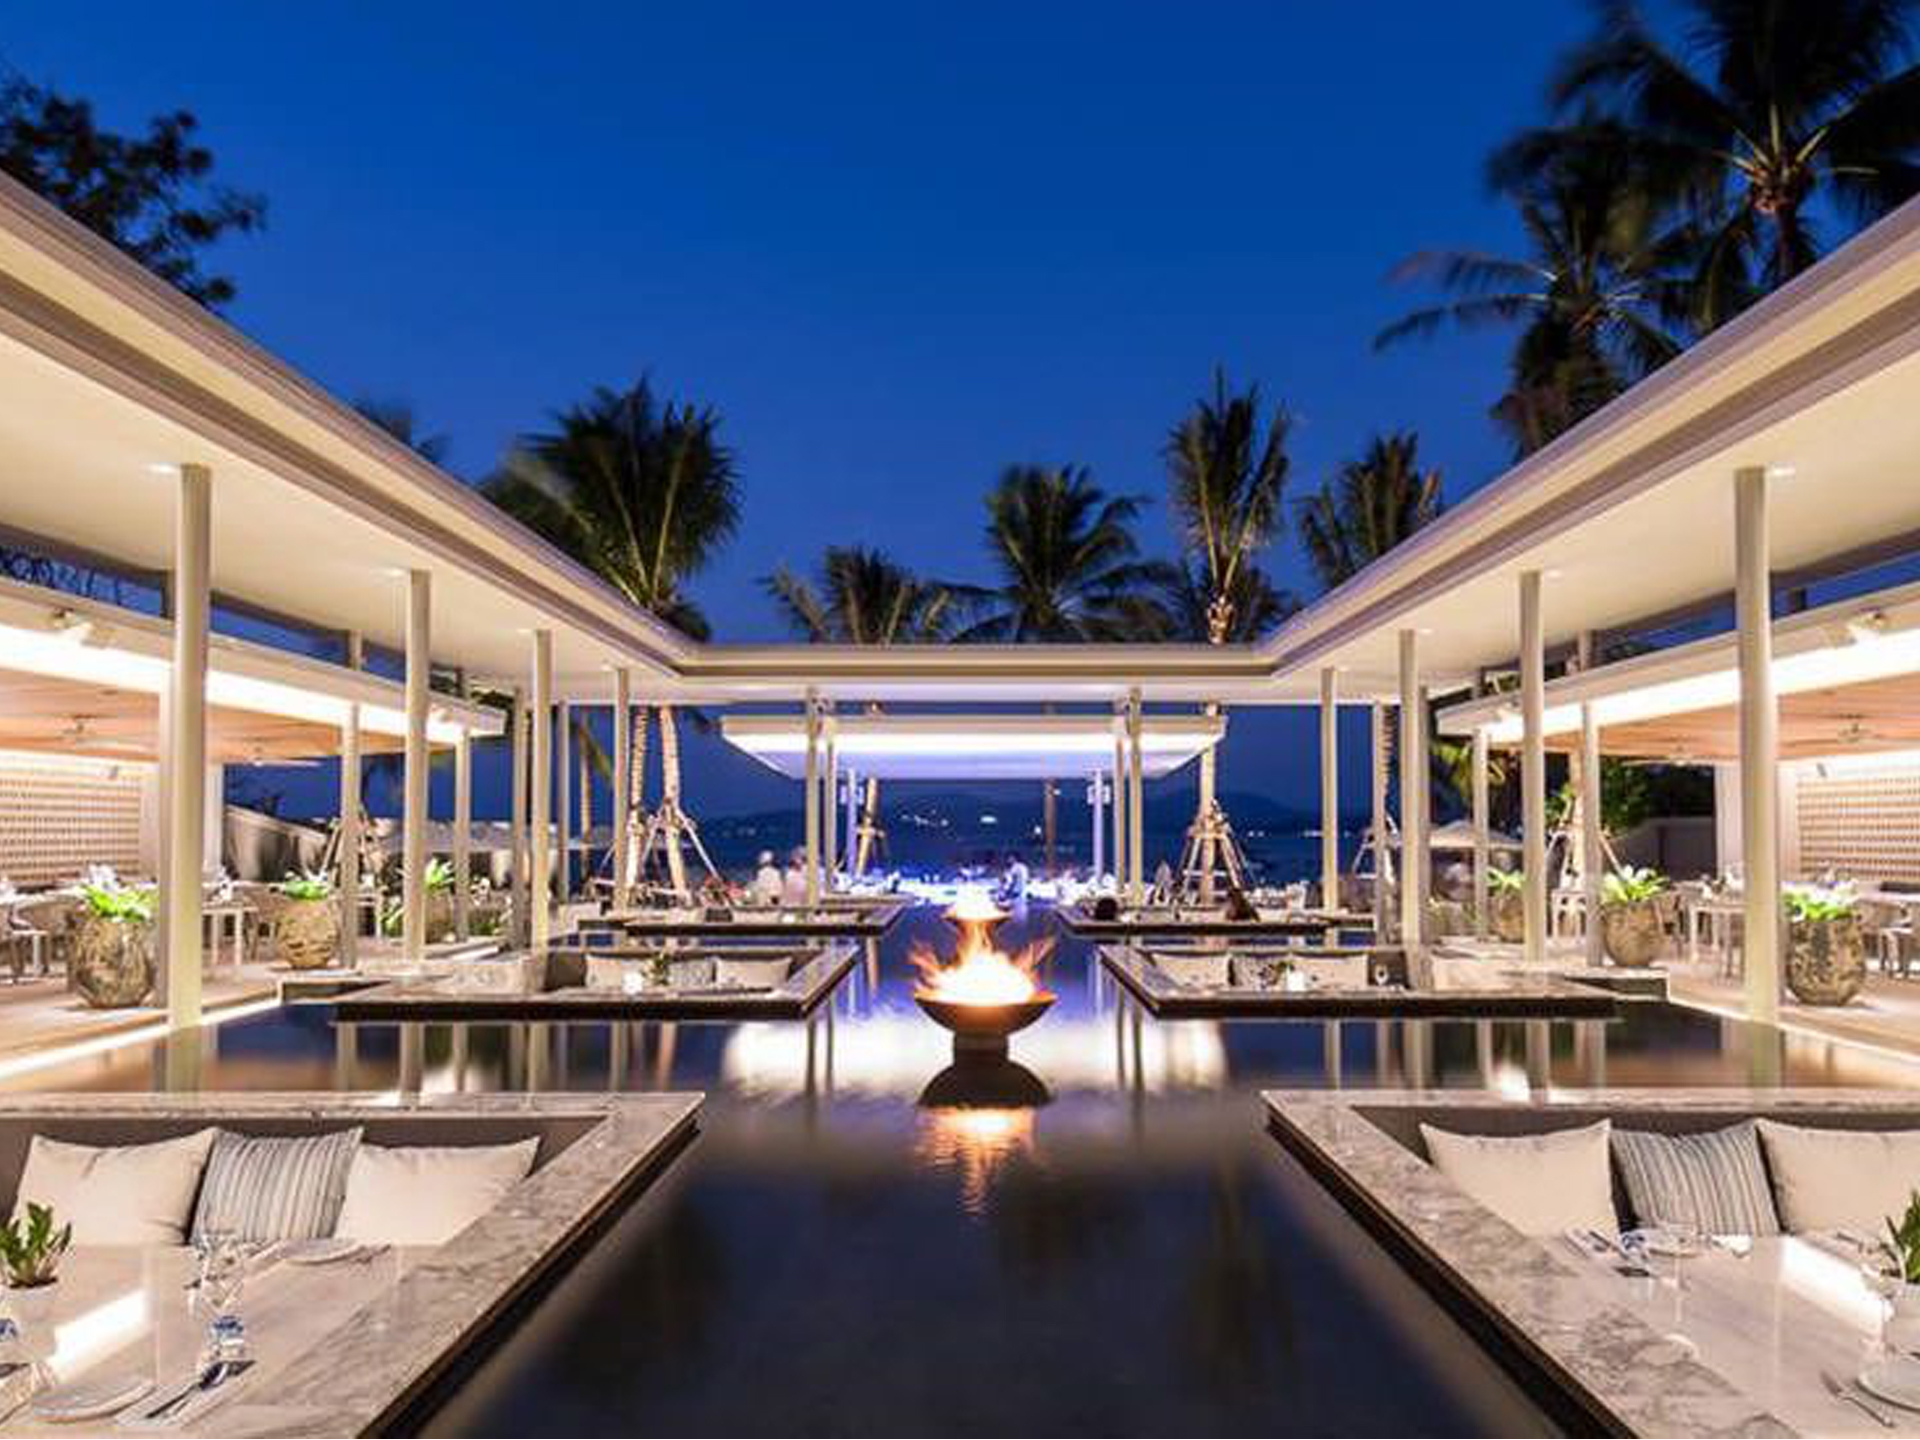 Best-Resturant-Palm-Seaside-Phuket.jpg